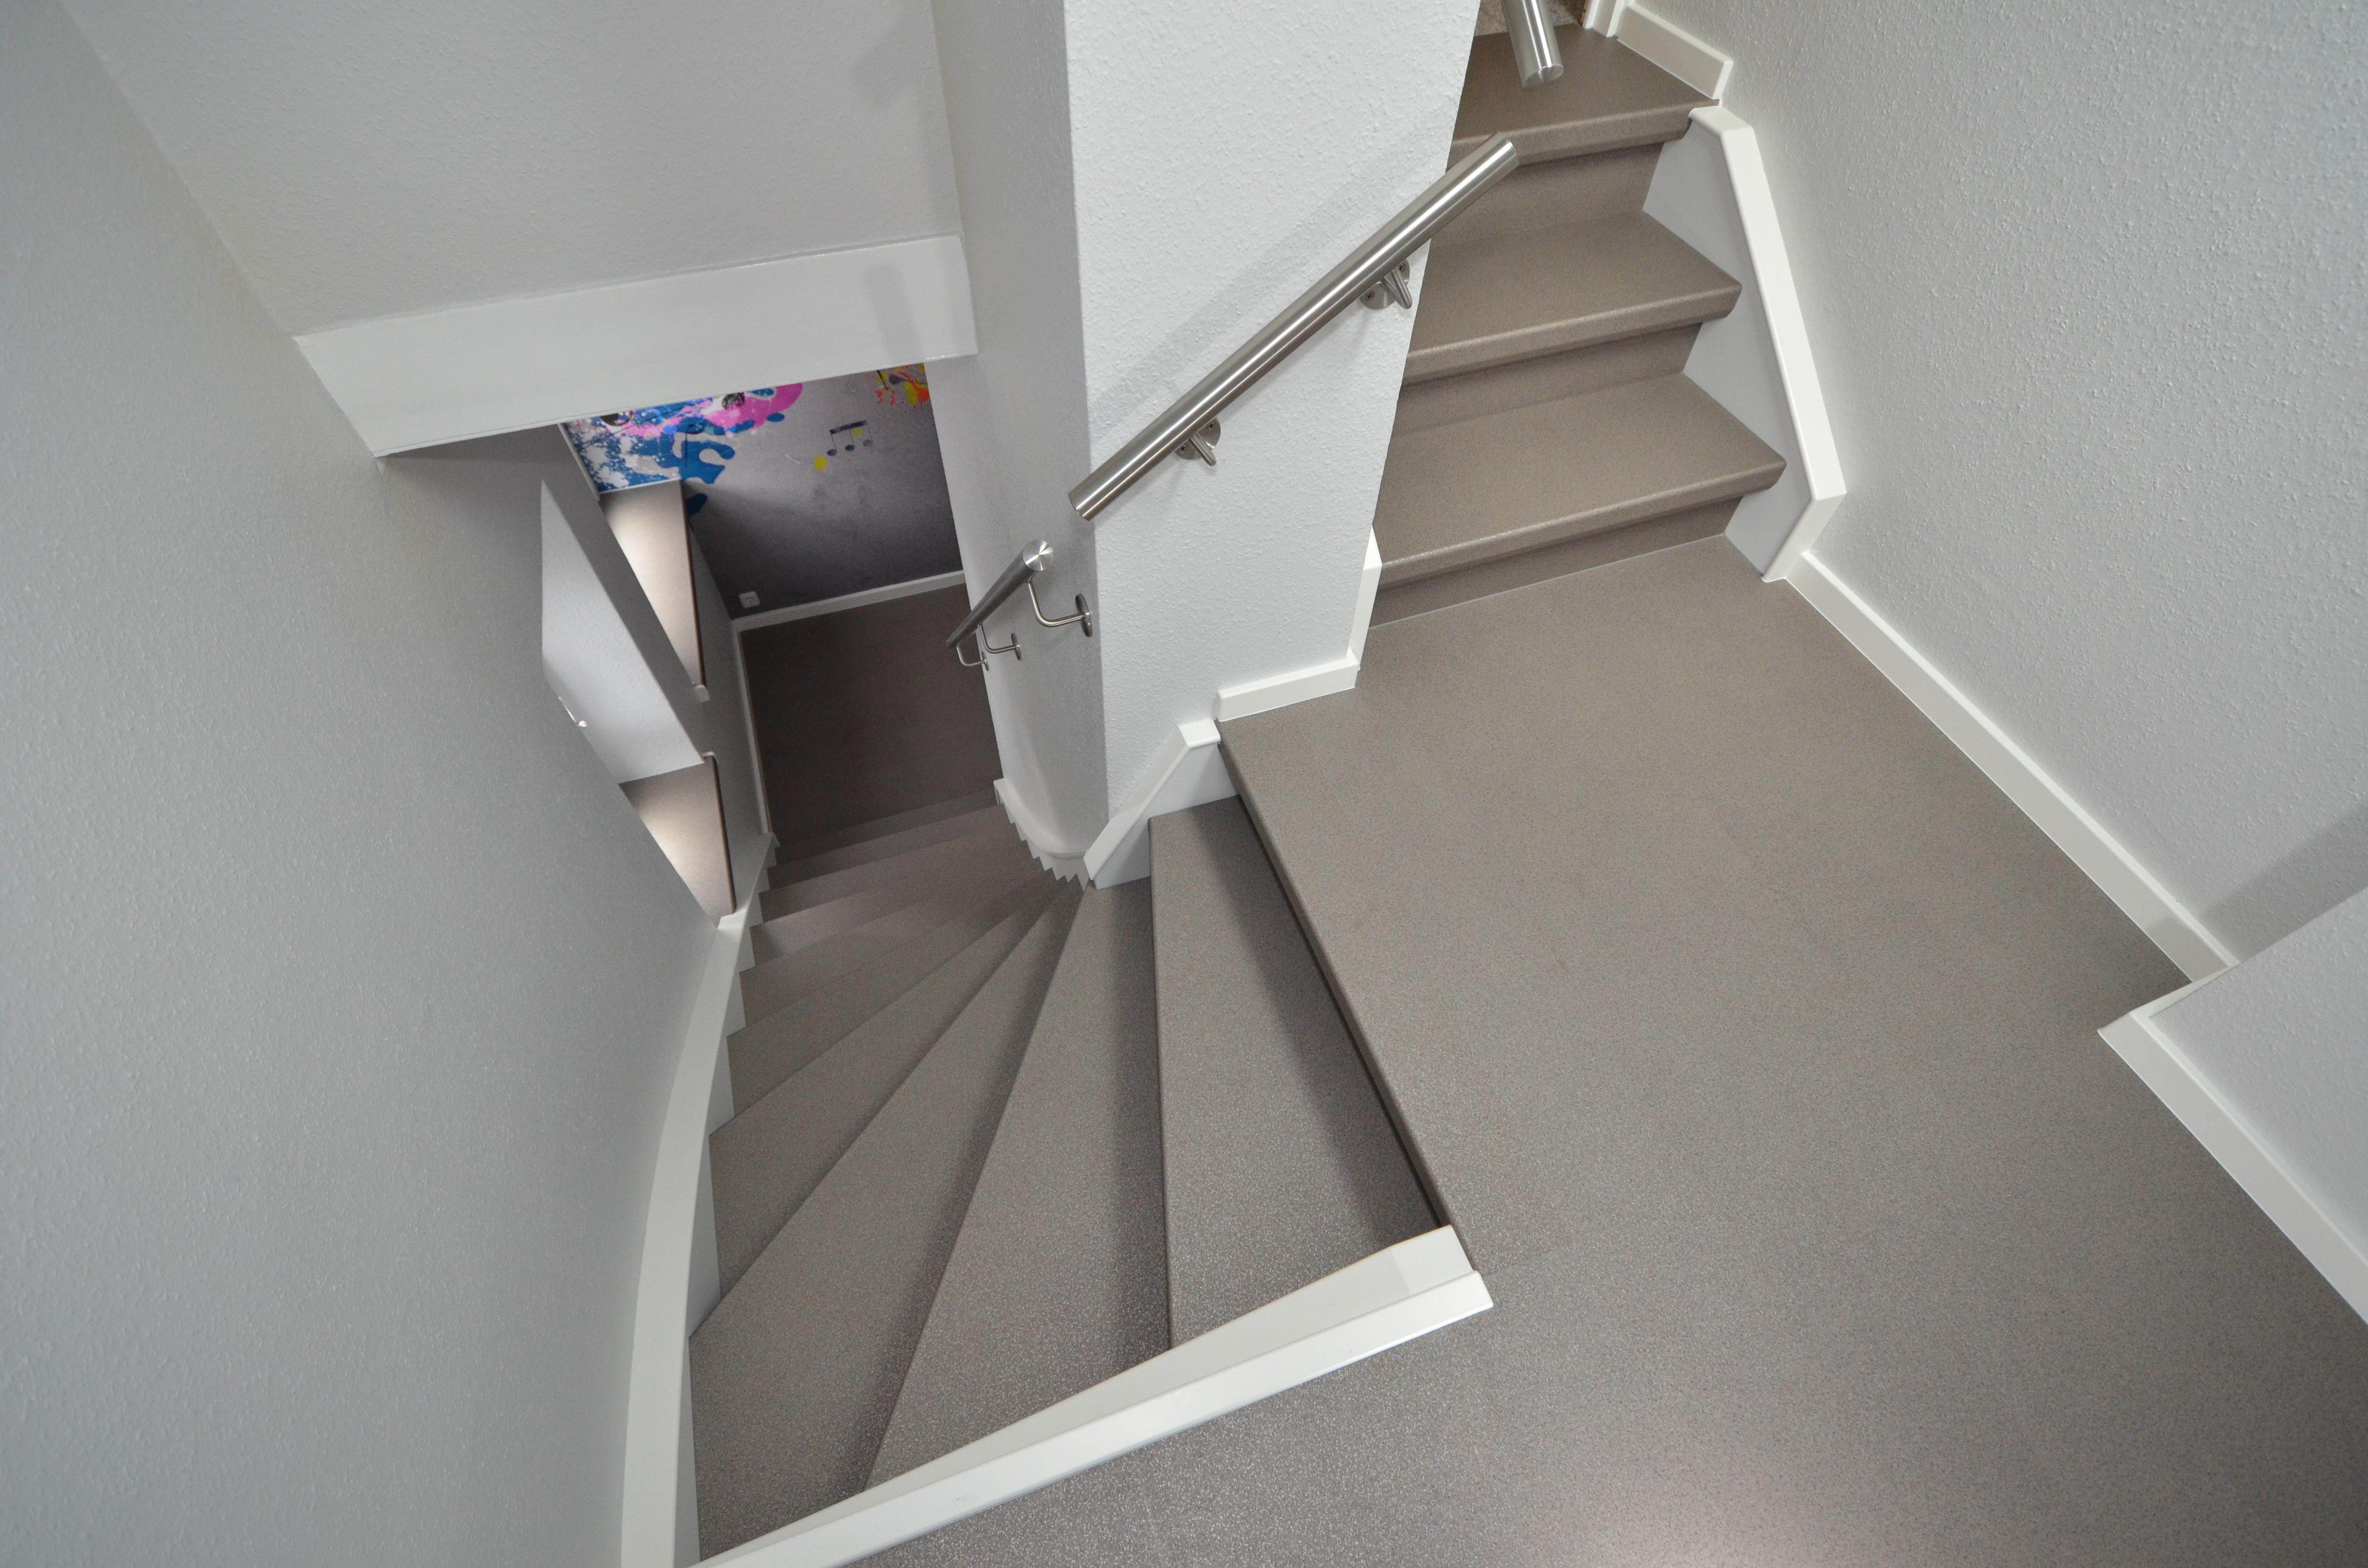 treppenrenovierung in vinyl granit jowi holz innenausbau gmbh dauerhafte treppenrenovierung. Black Bedroom Furniture Sets. Home Design Ideas